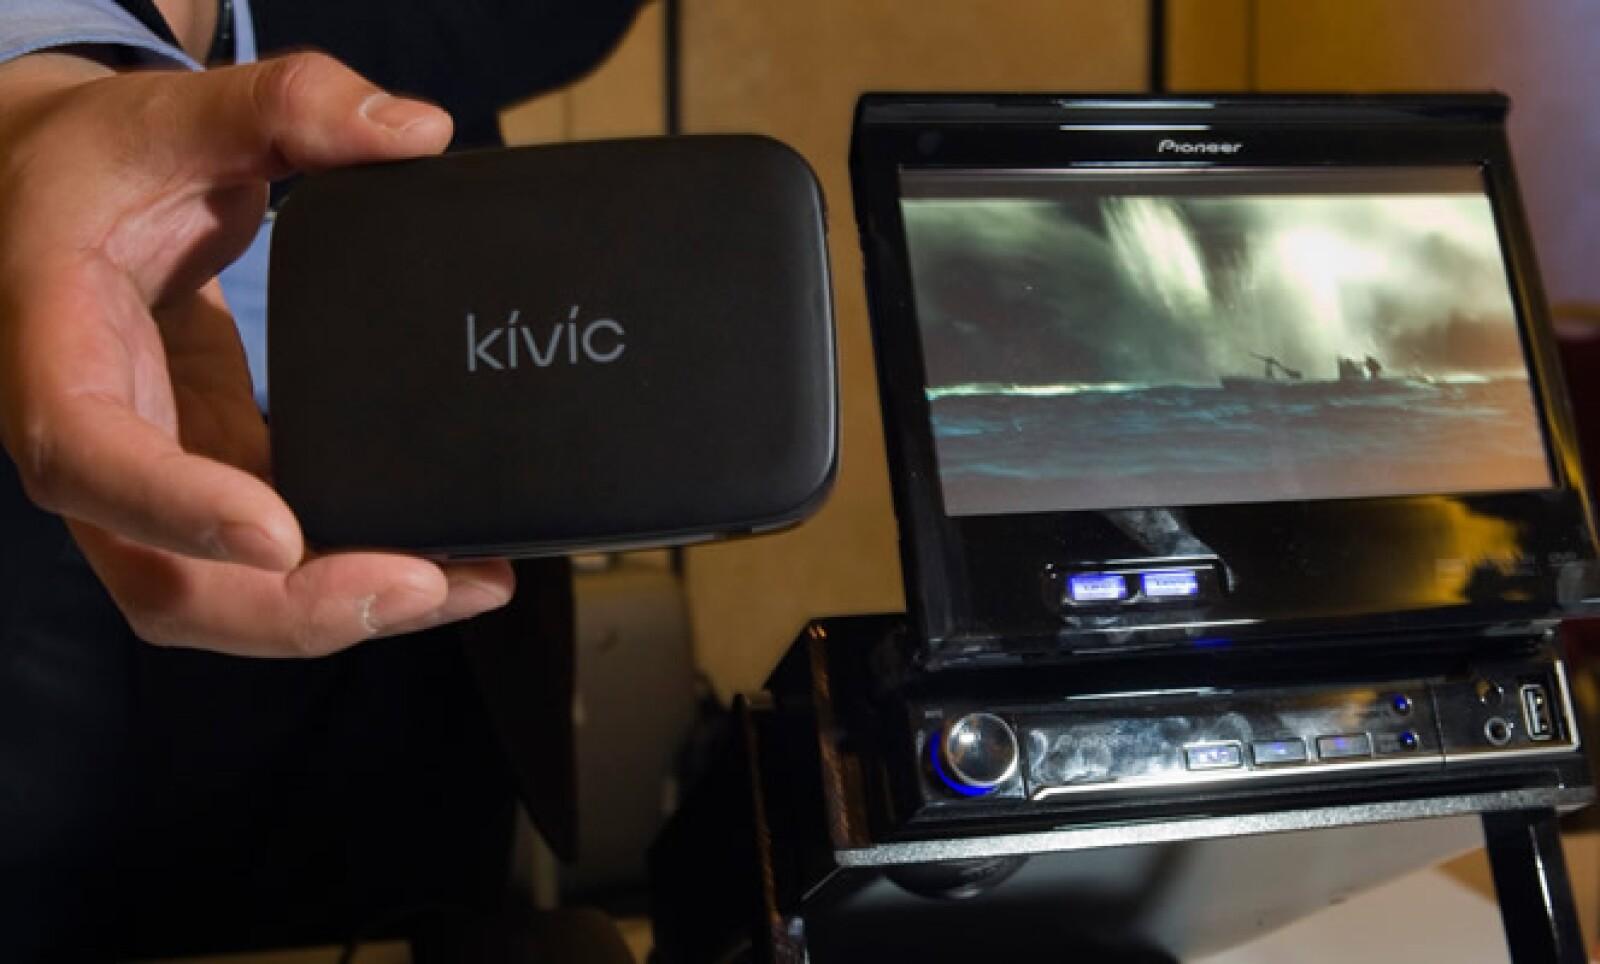 El Kivic funciona como un reproductor de video para el auto y transmite secuencias de vídeo desde un teléfono inteligente.